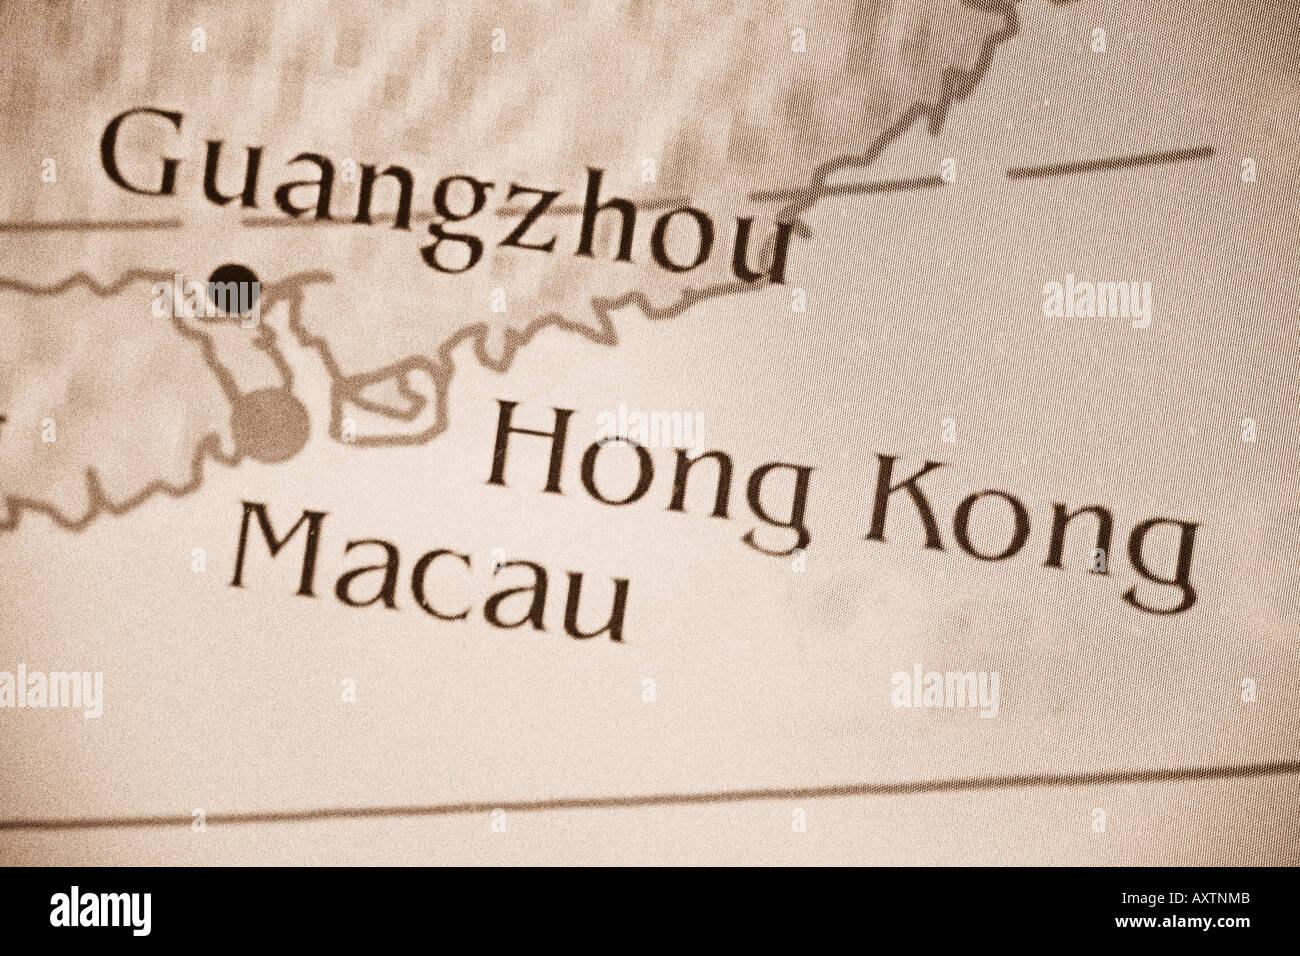 Close up map showing Macau, Hong Kong, and Guangzhou, China ...